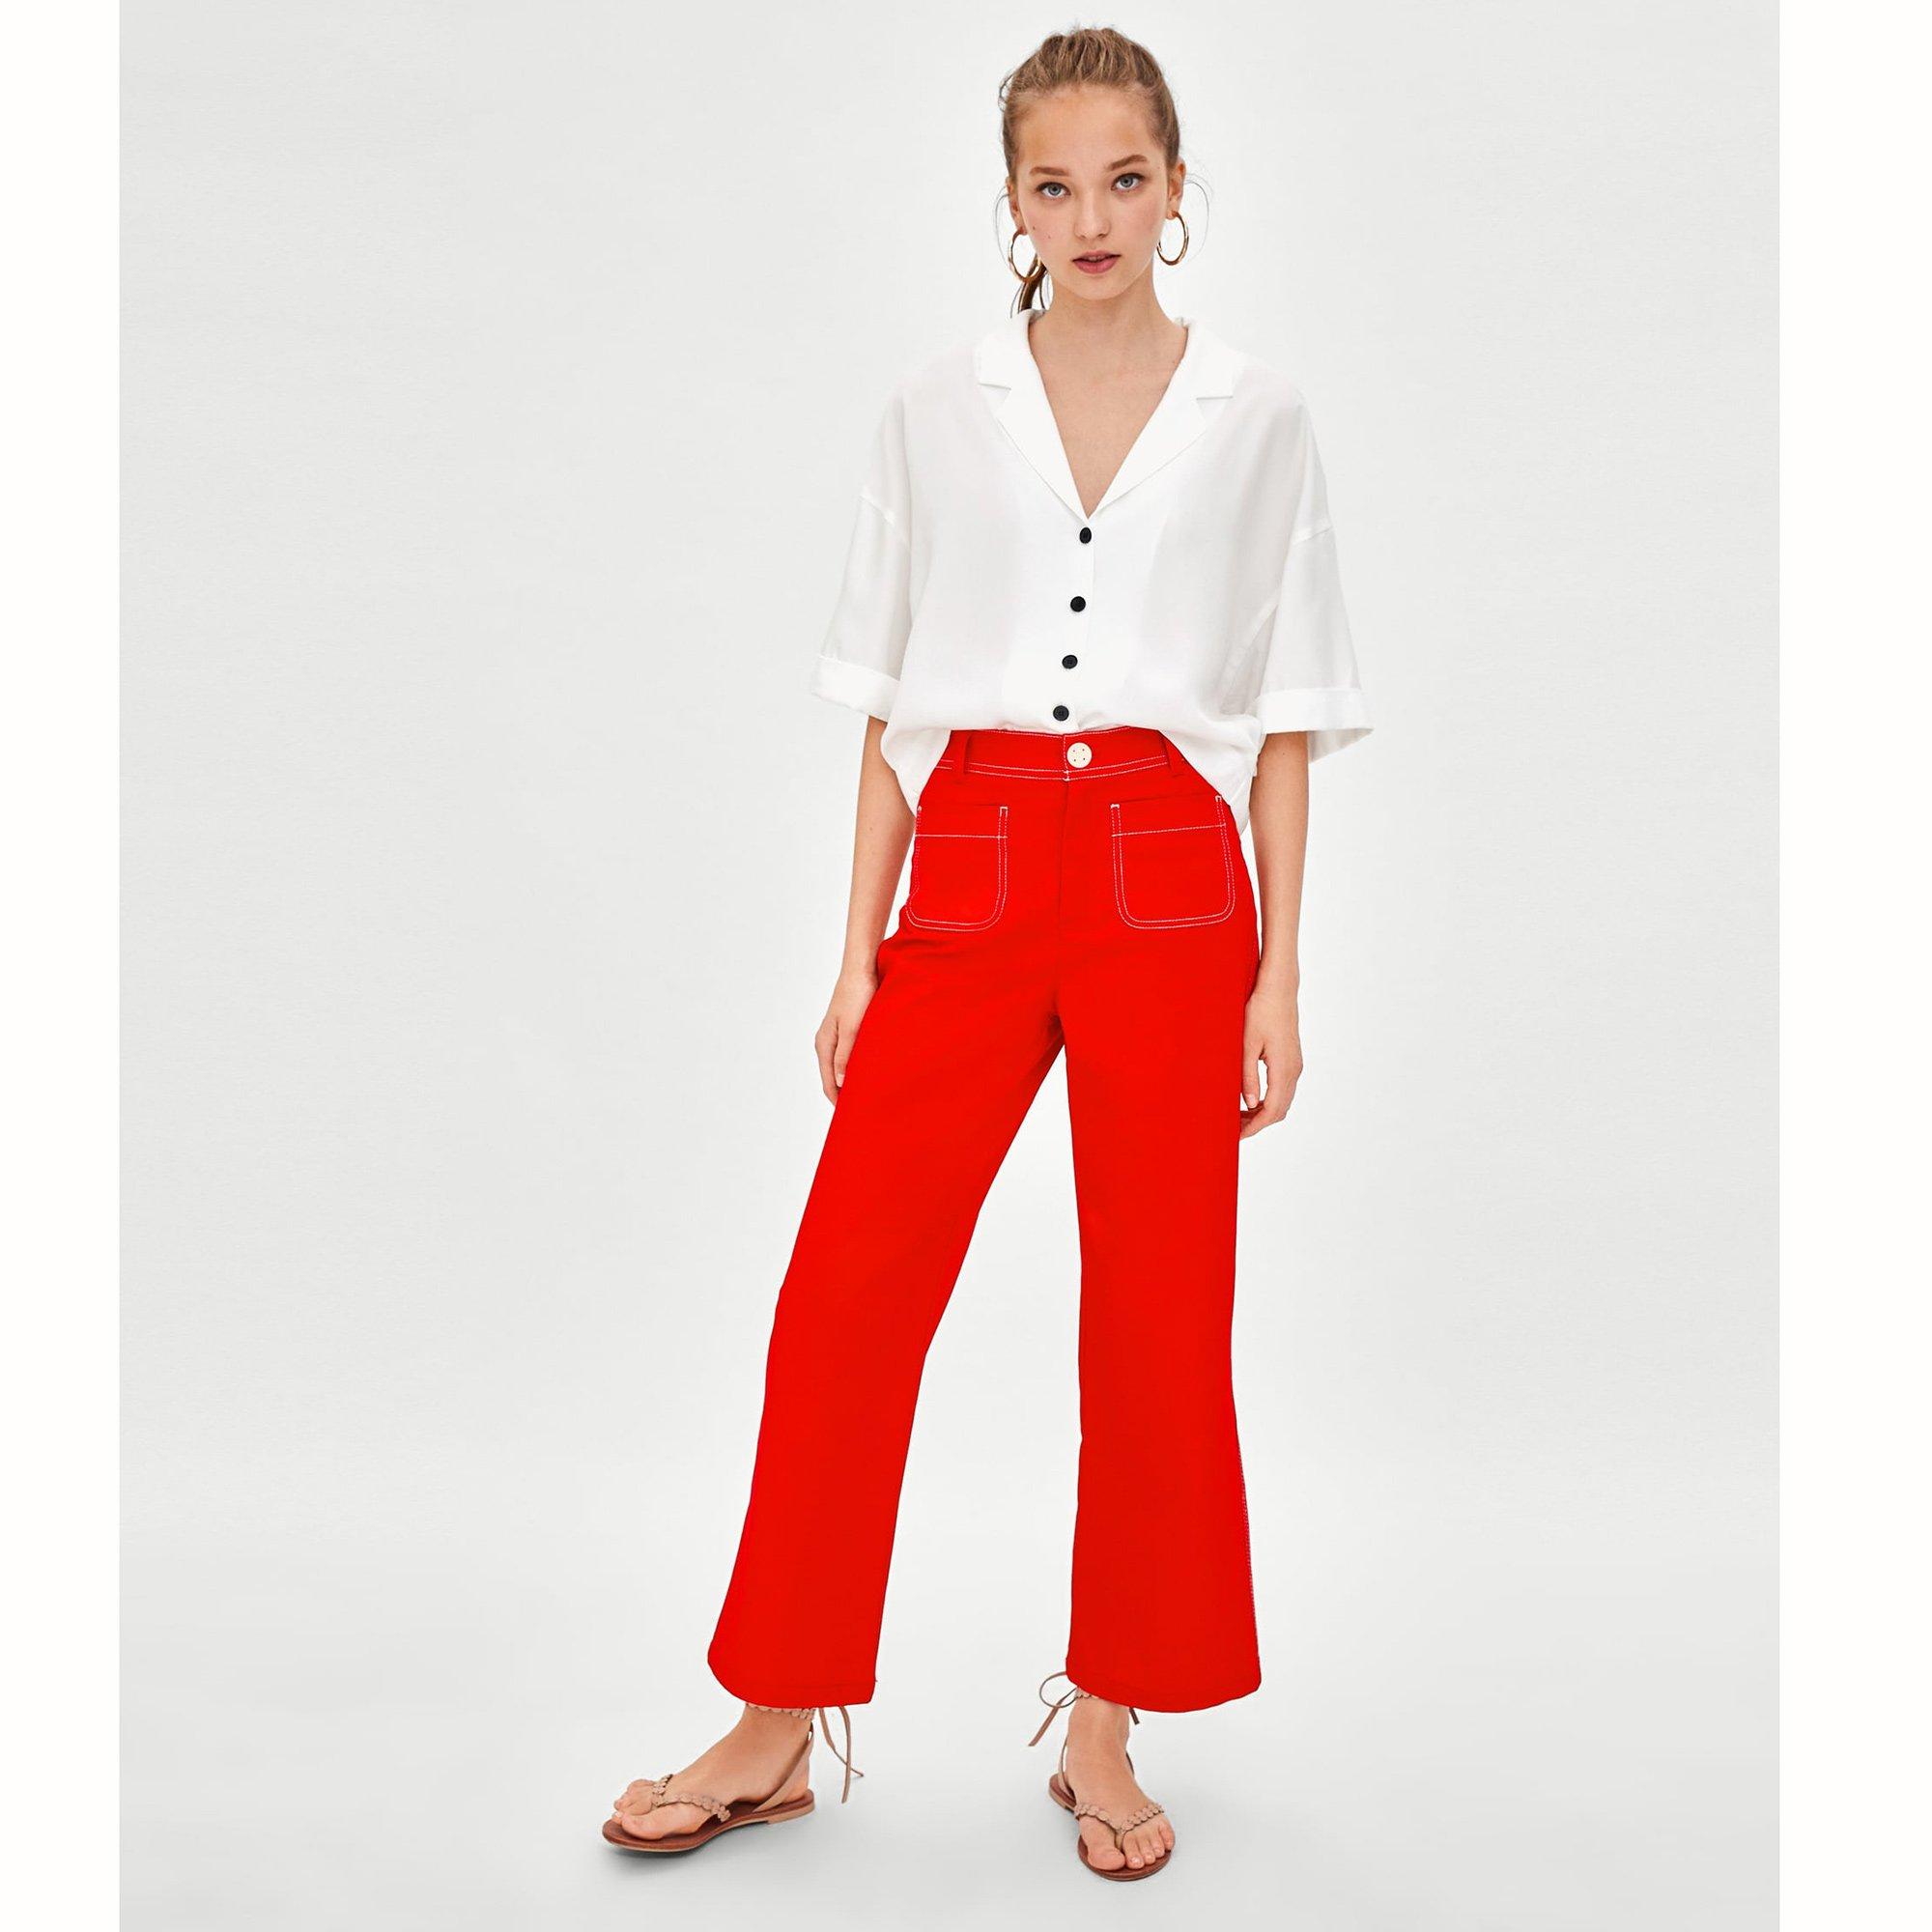 look-rentree-pantalon-talle-haute-couleur